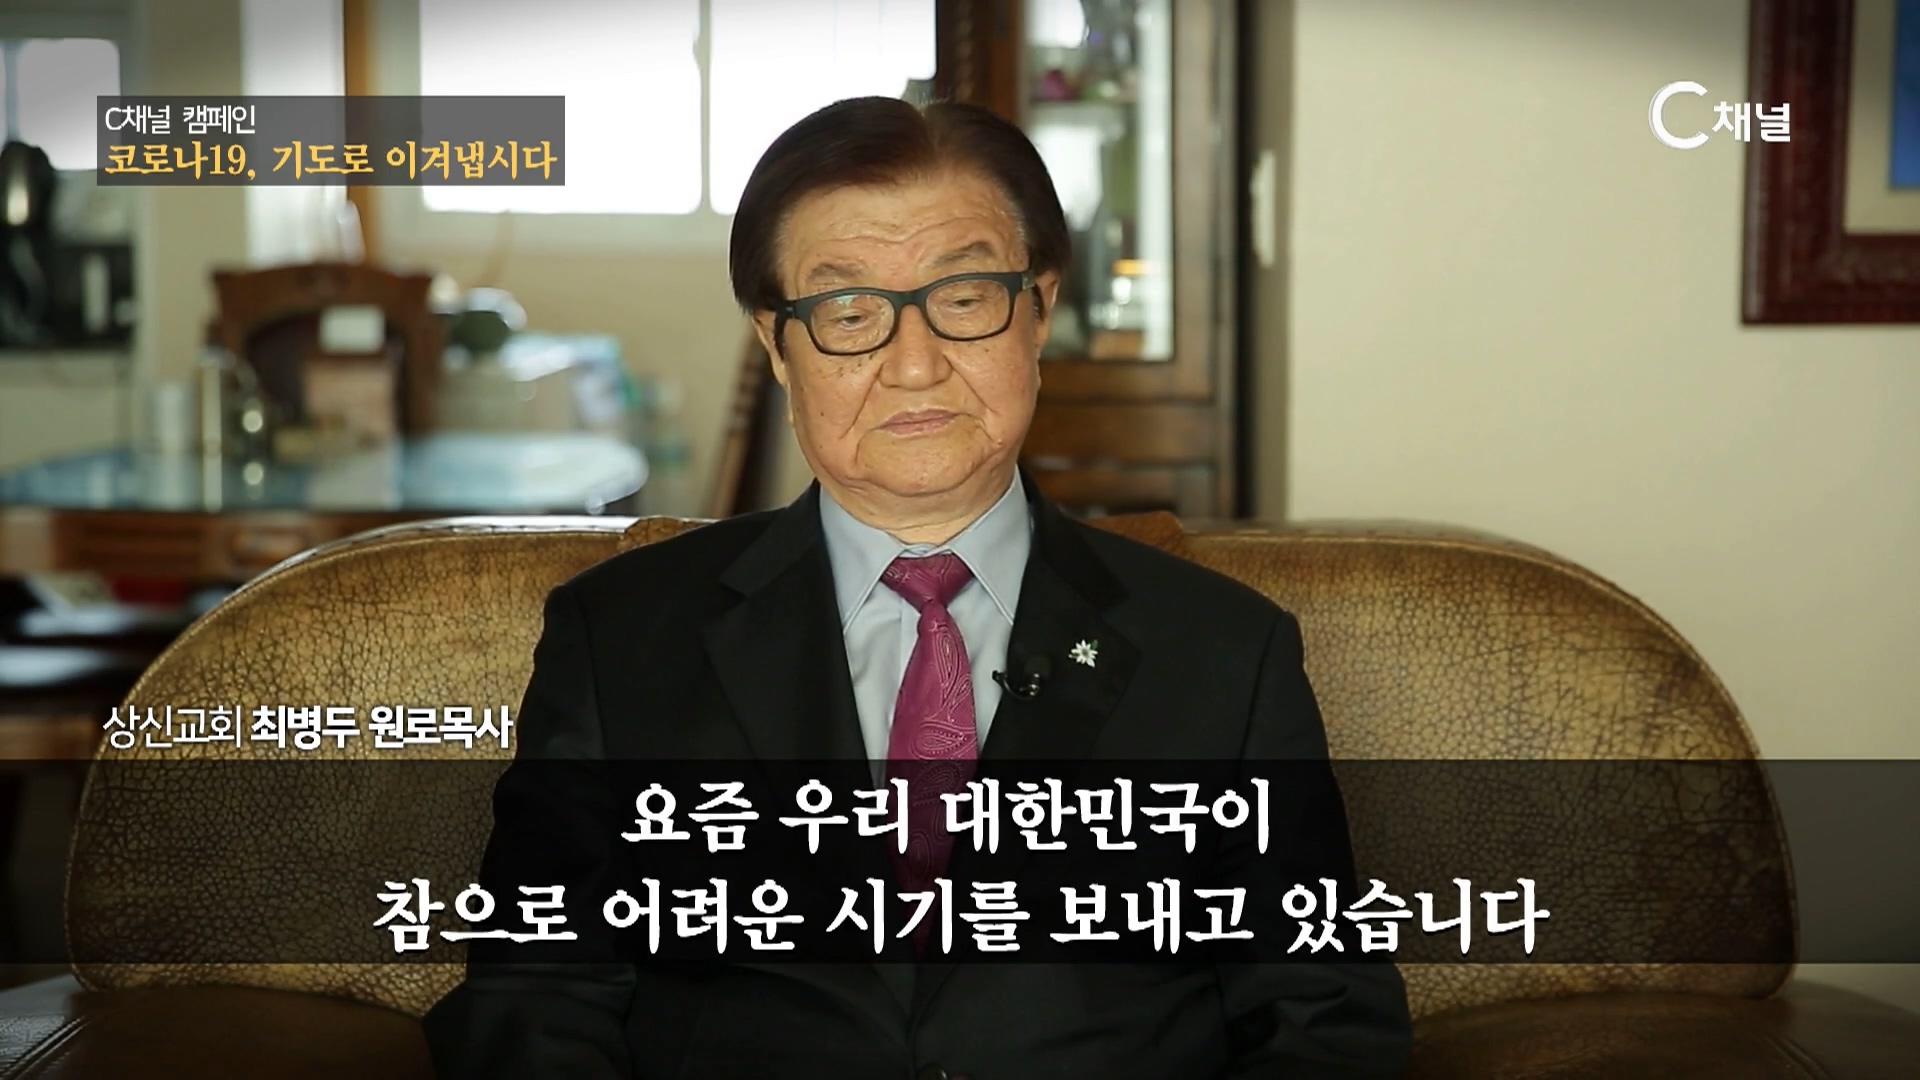 [C채널 캠페인] 코로나19, 기도로 이겨냅시다 - 최병두 원로 목사